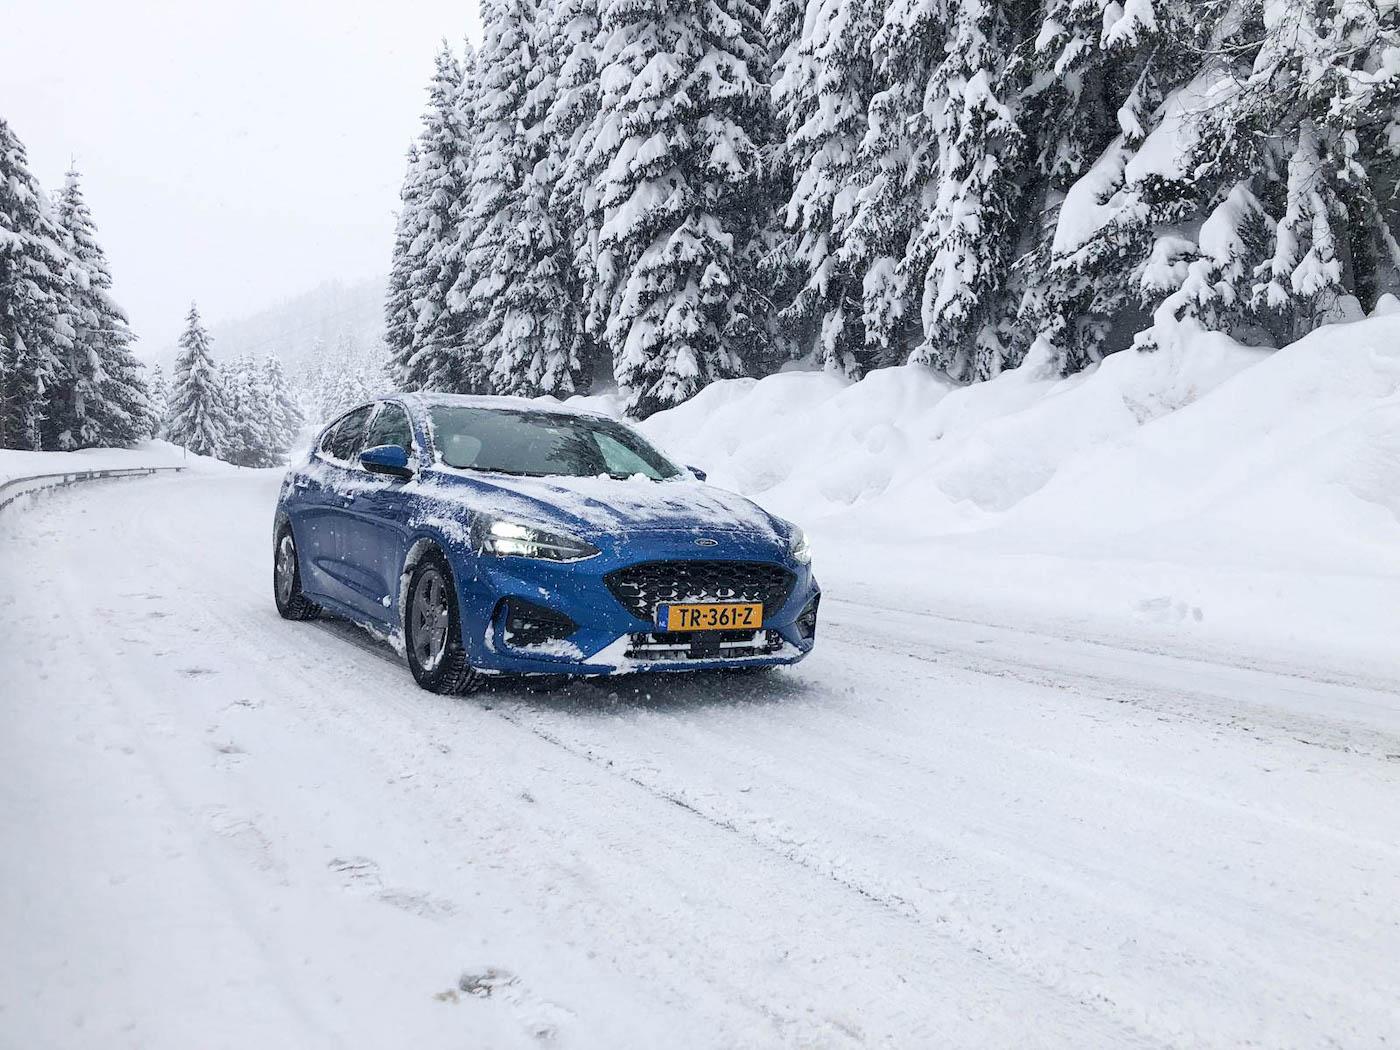 Rijden in de sneeuw met Vignet Oostenrijk 2020